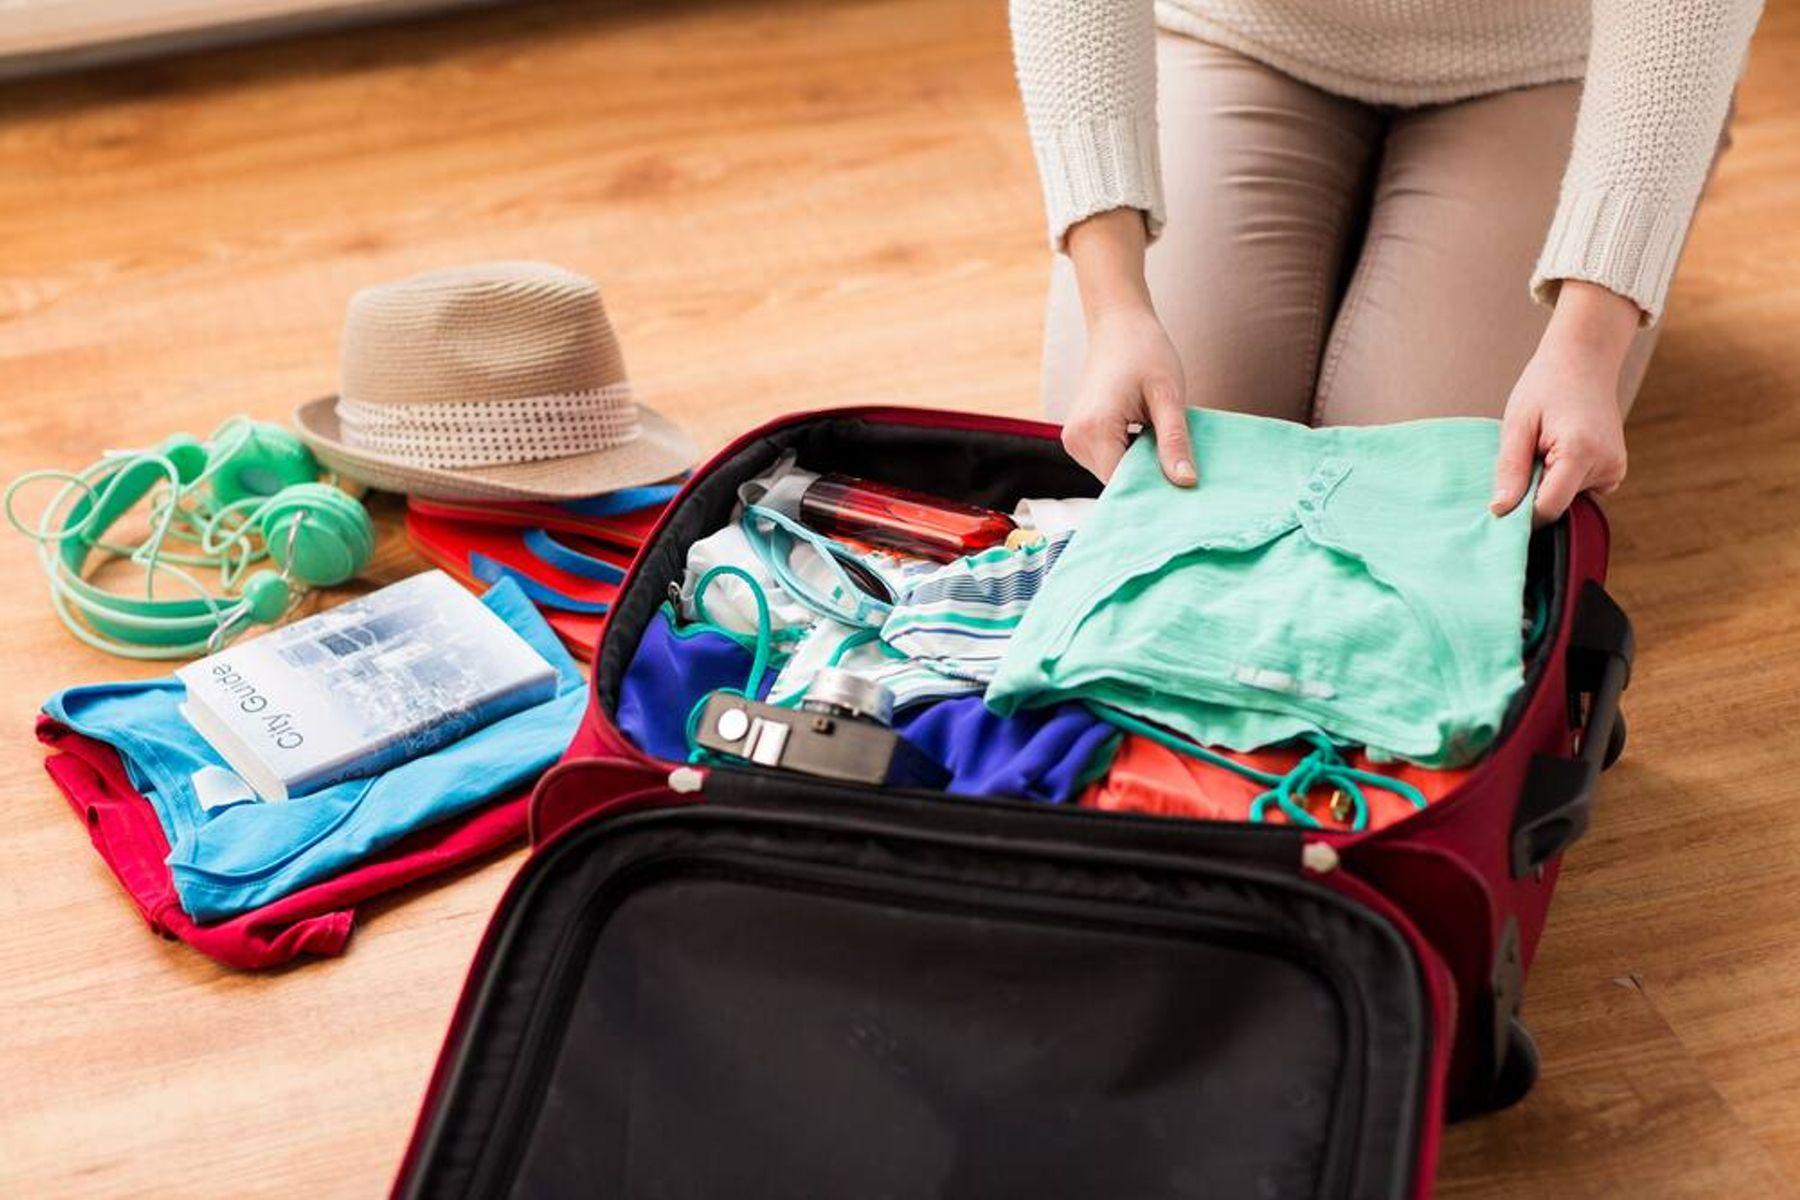 Mẹo chuẩn bị đồ đi du lịch vừa đầy đủ, vừa gọn gàng